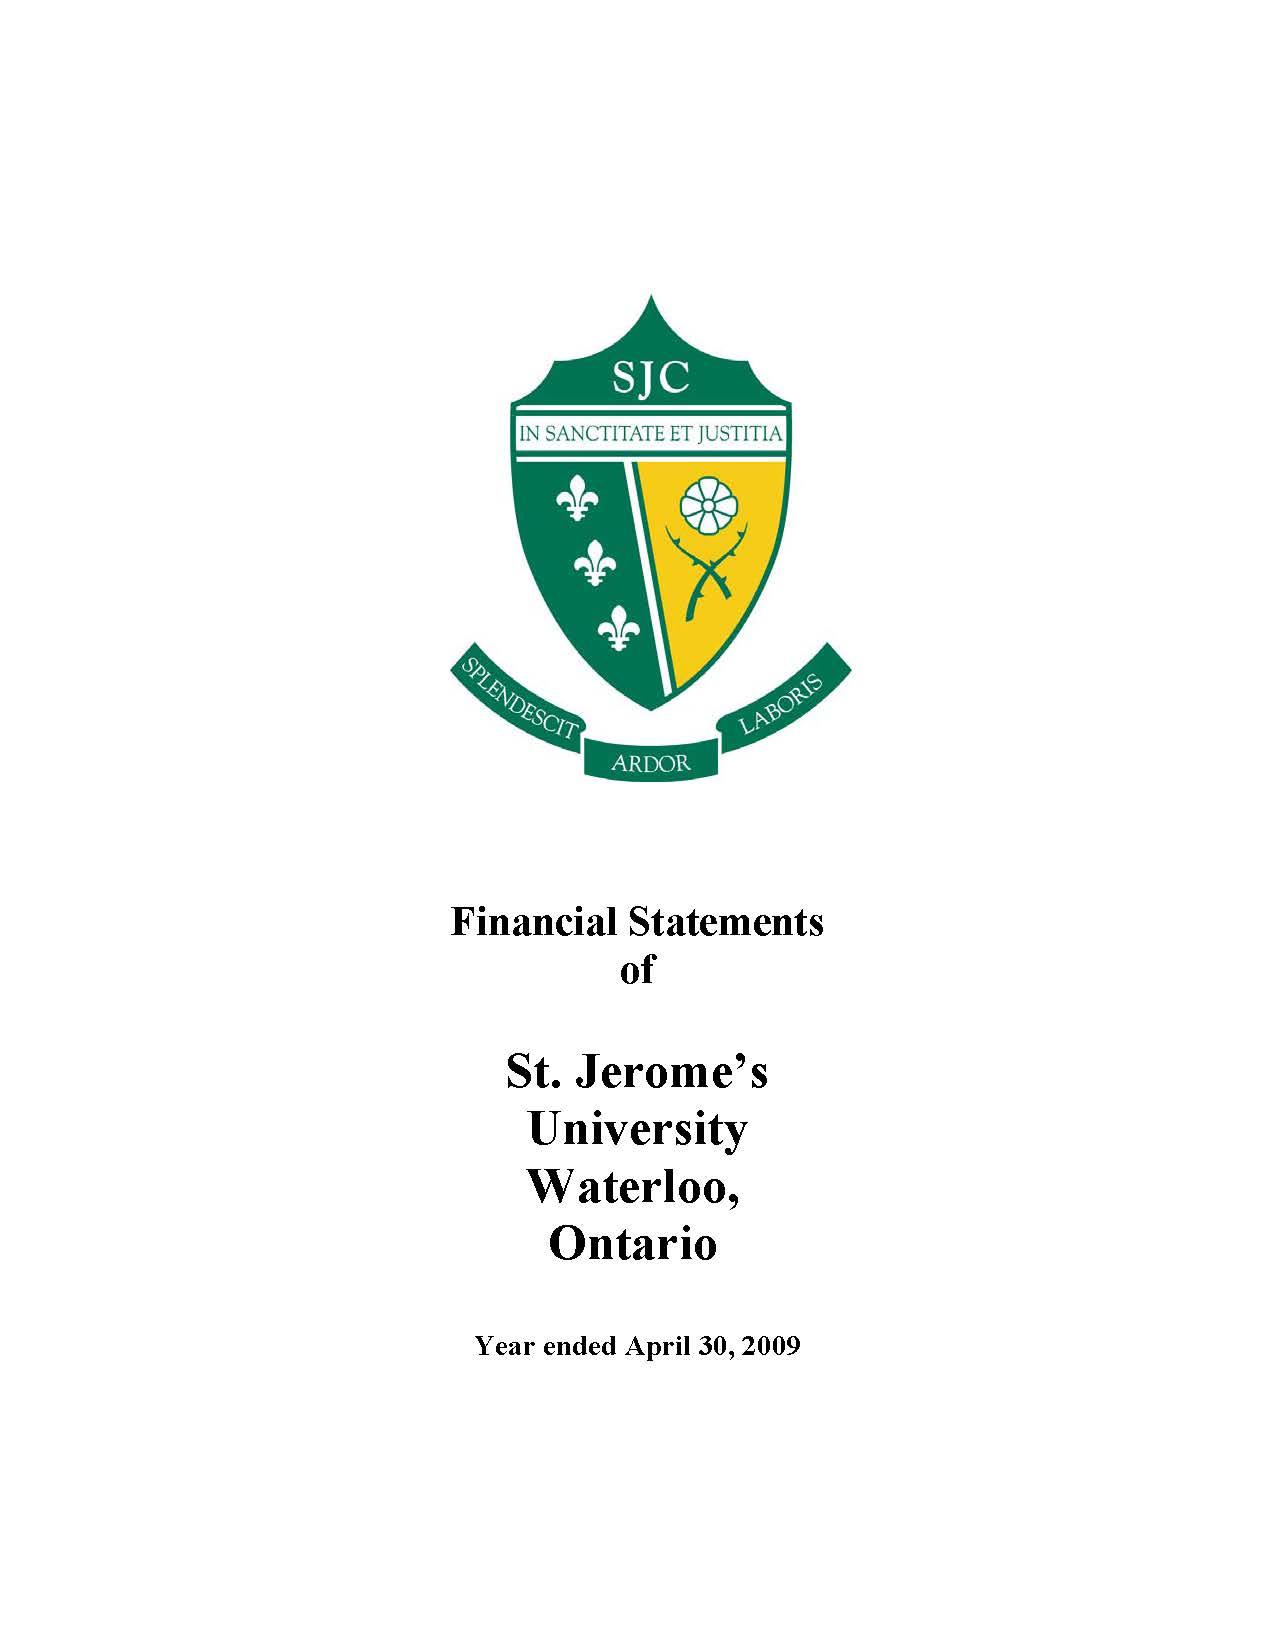 SJU Financial Statements Ending 2009